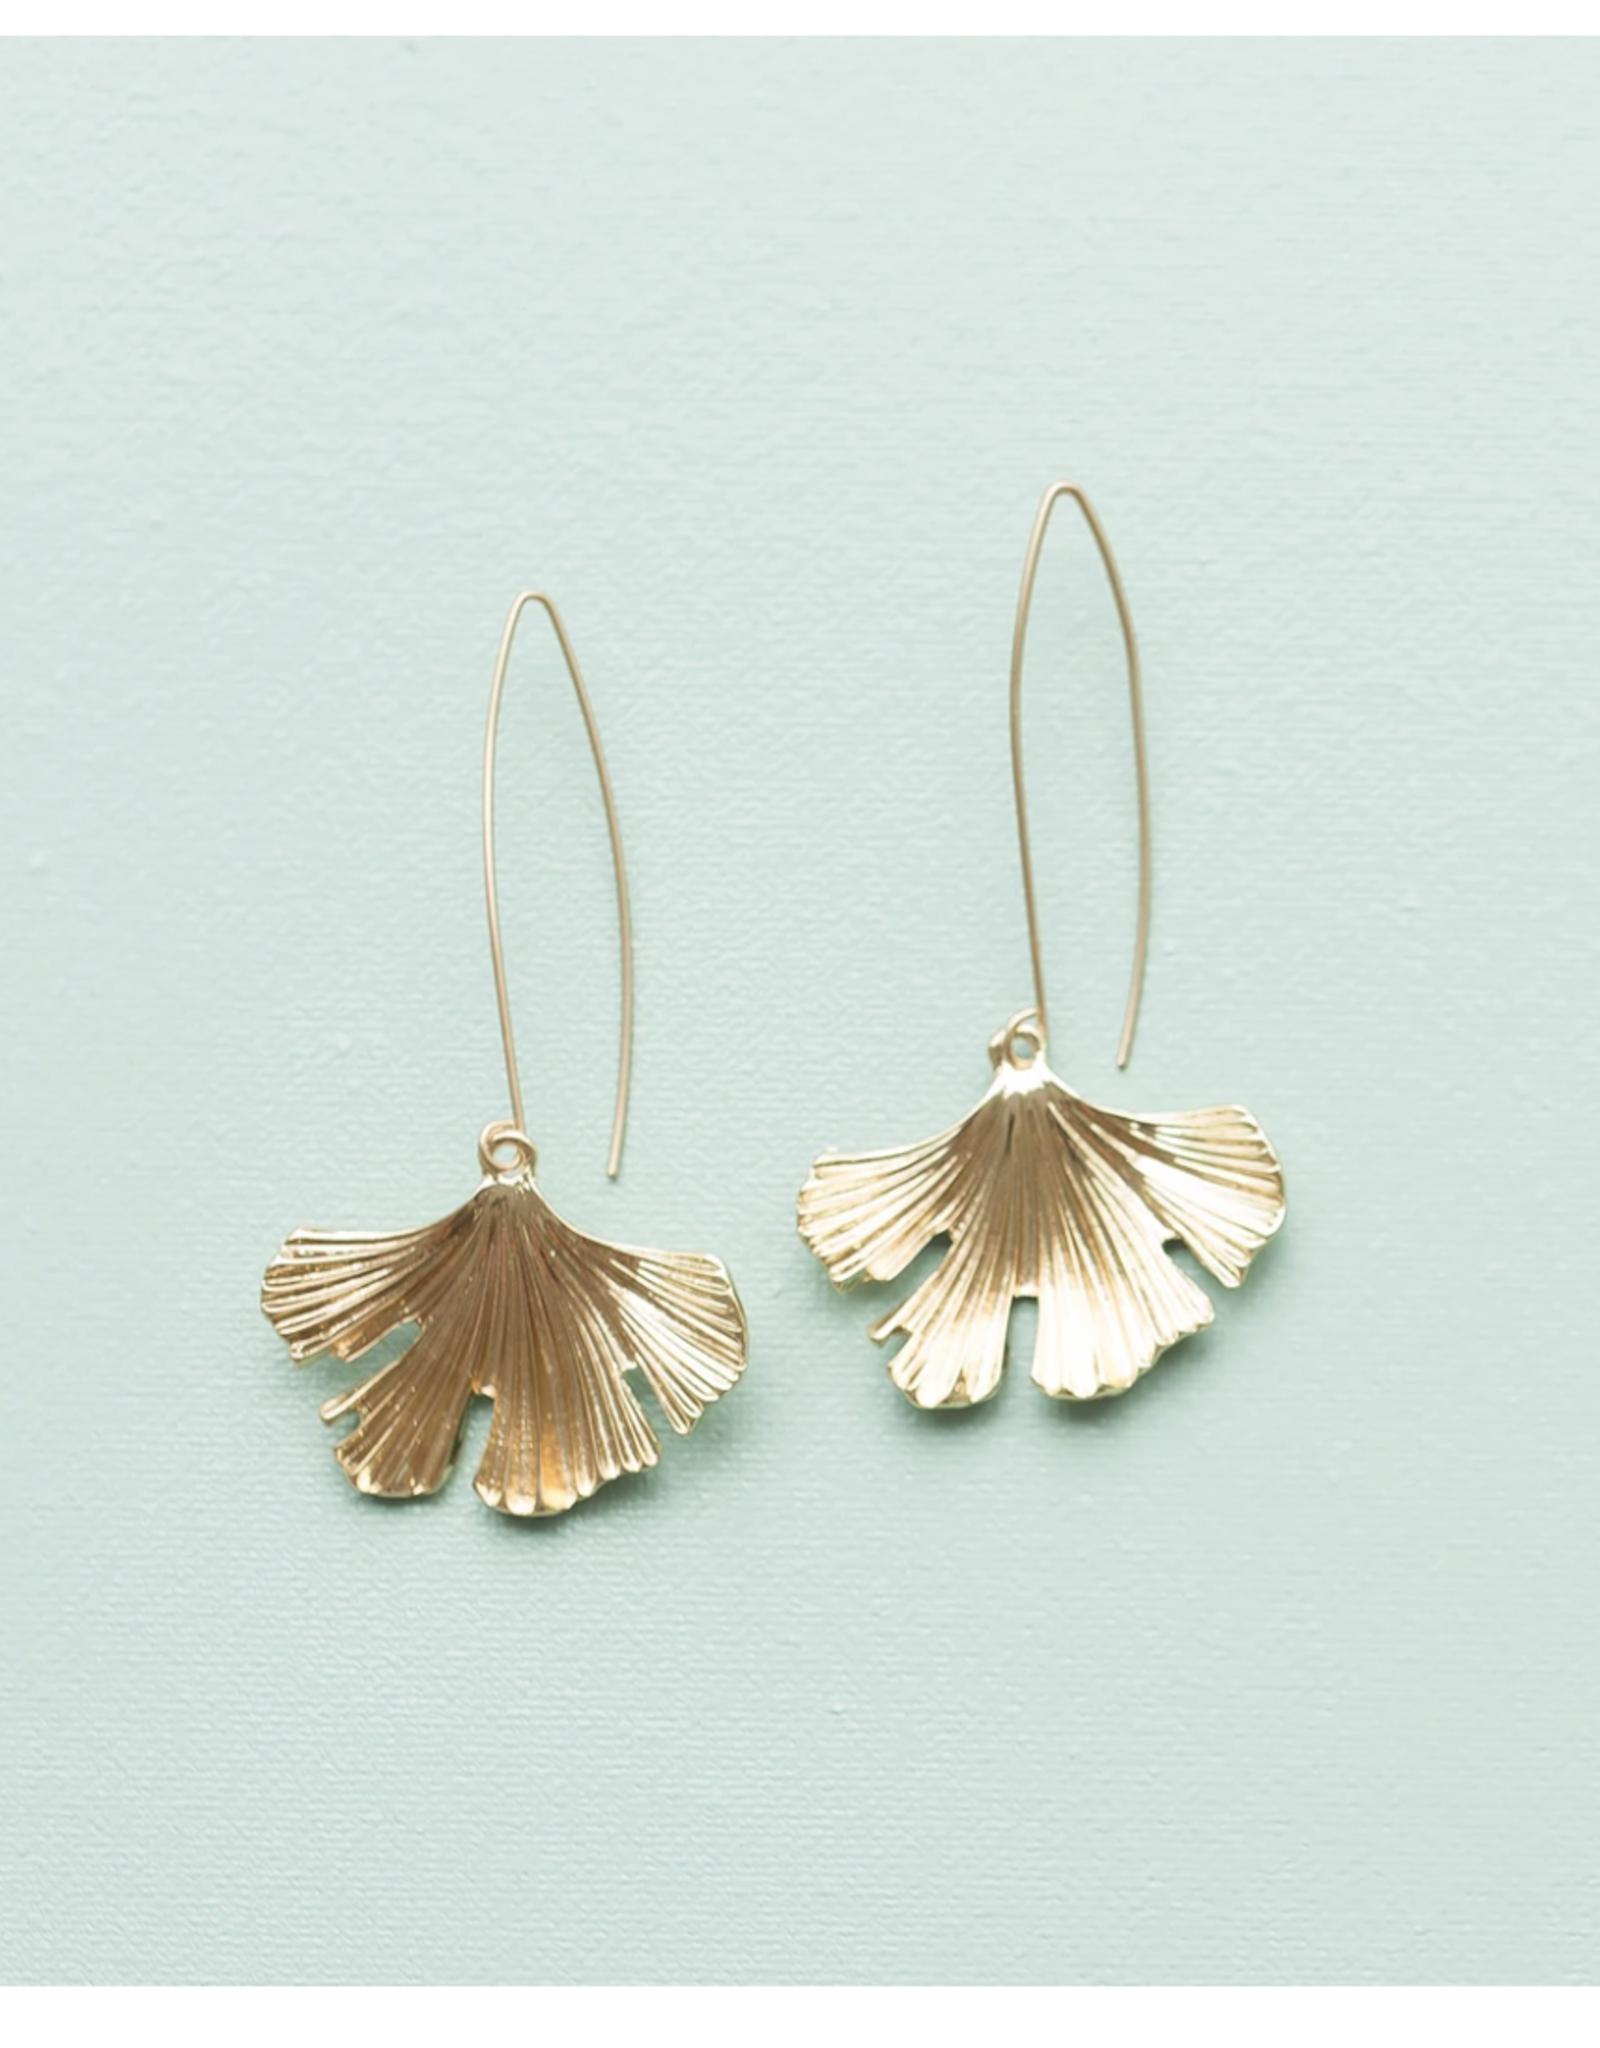 Michelle McDowell jessa gold earrings